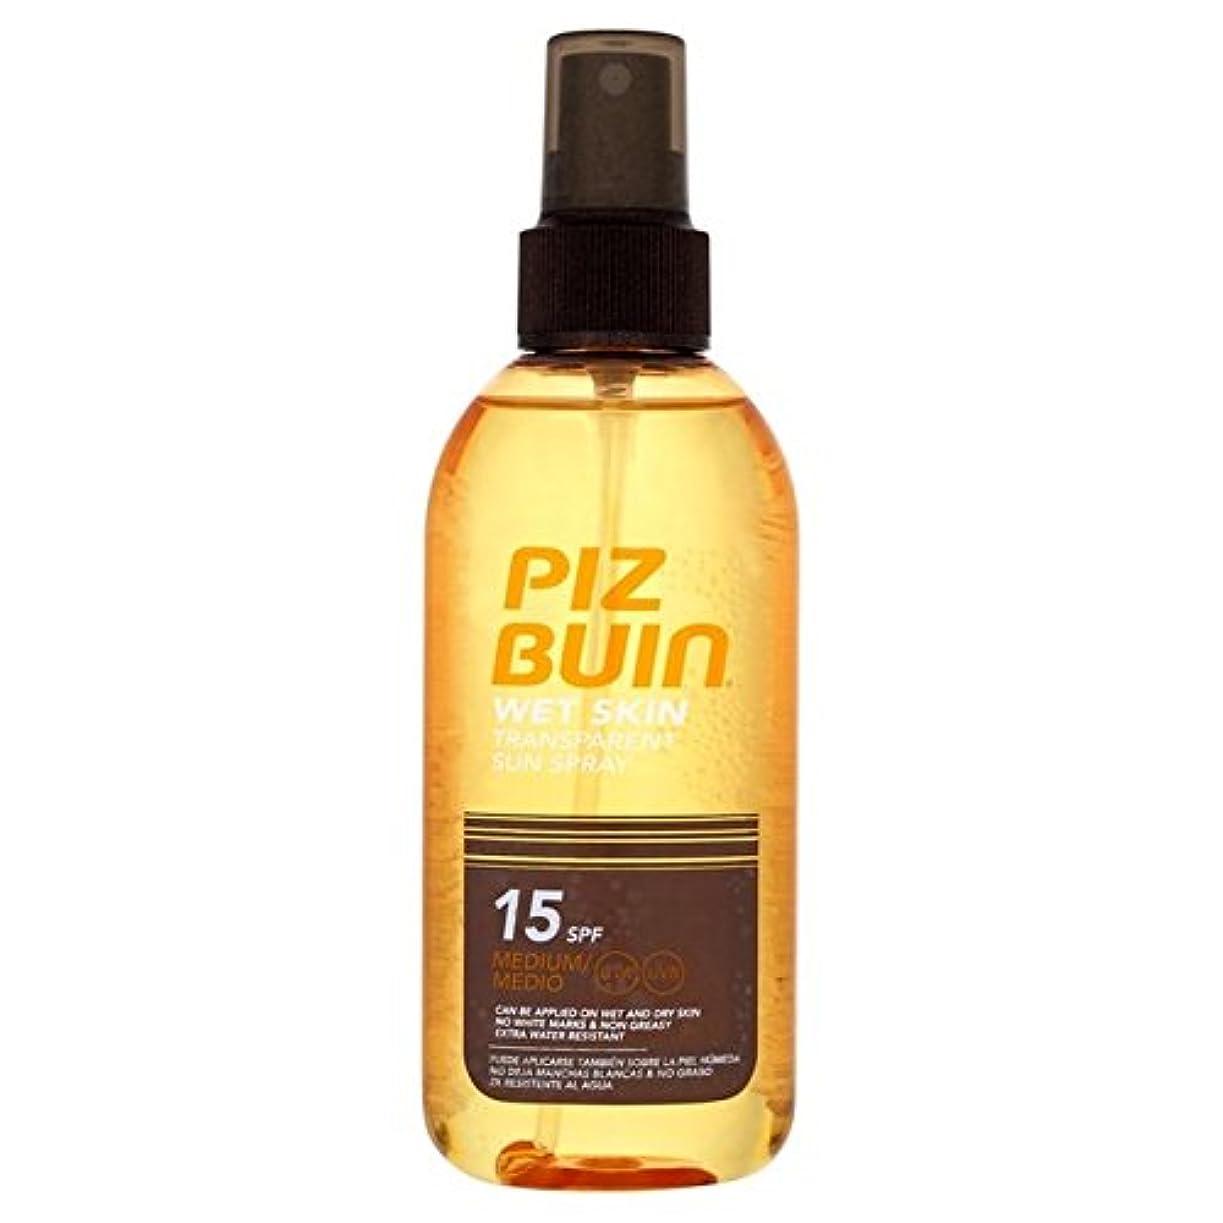 理由うなり声器官Piz Buin Wet Transparent Skin SPF15 150ml - ピッツブーインの湿った透明肌15の150ミリリットル [並行輸入品]